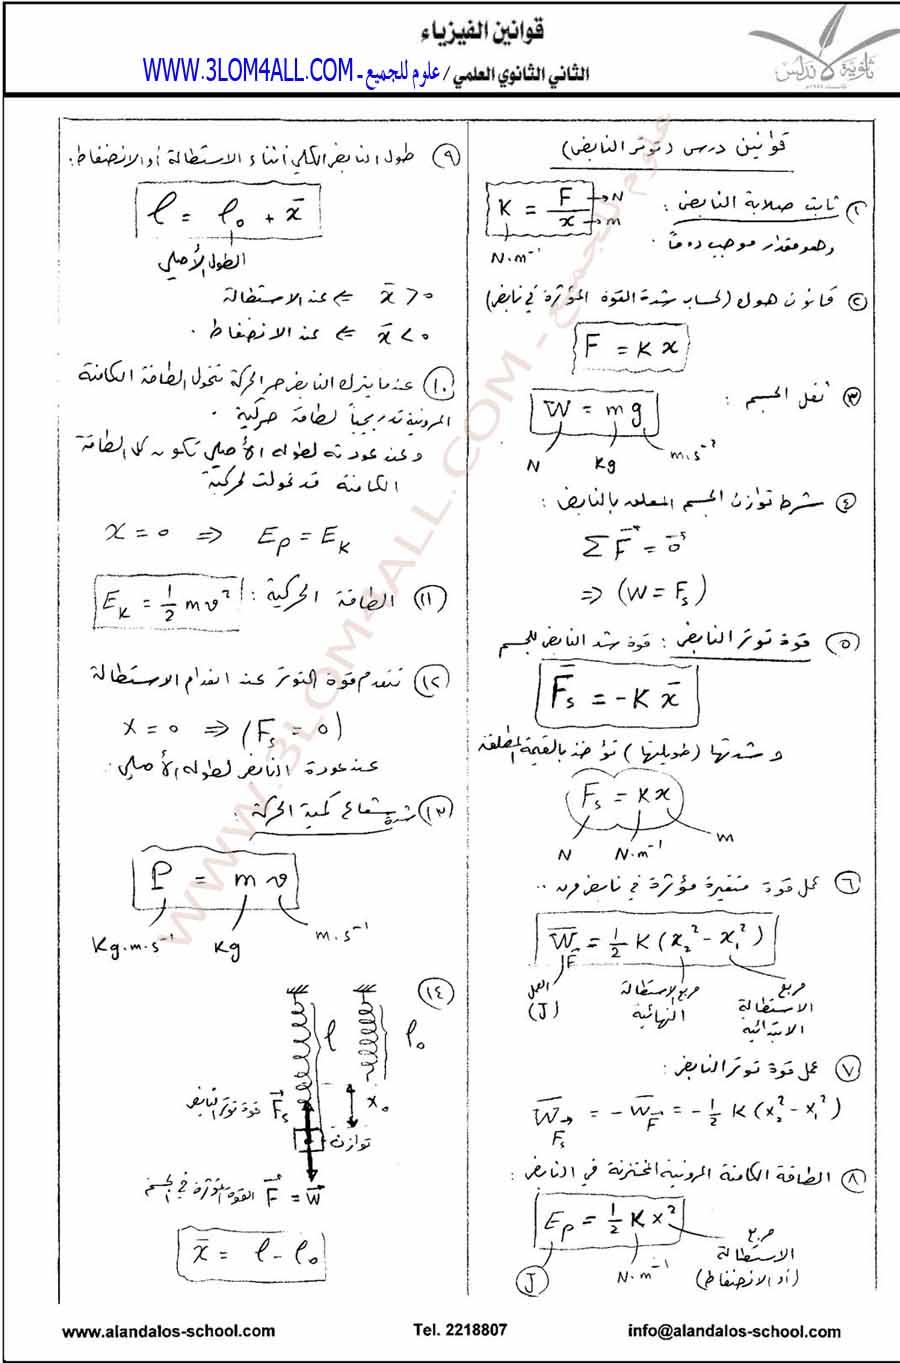 ورقة قوانين الفيزياء للحادي عشر العلمي